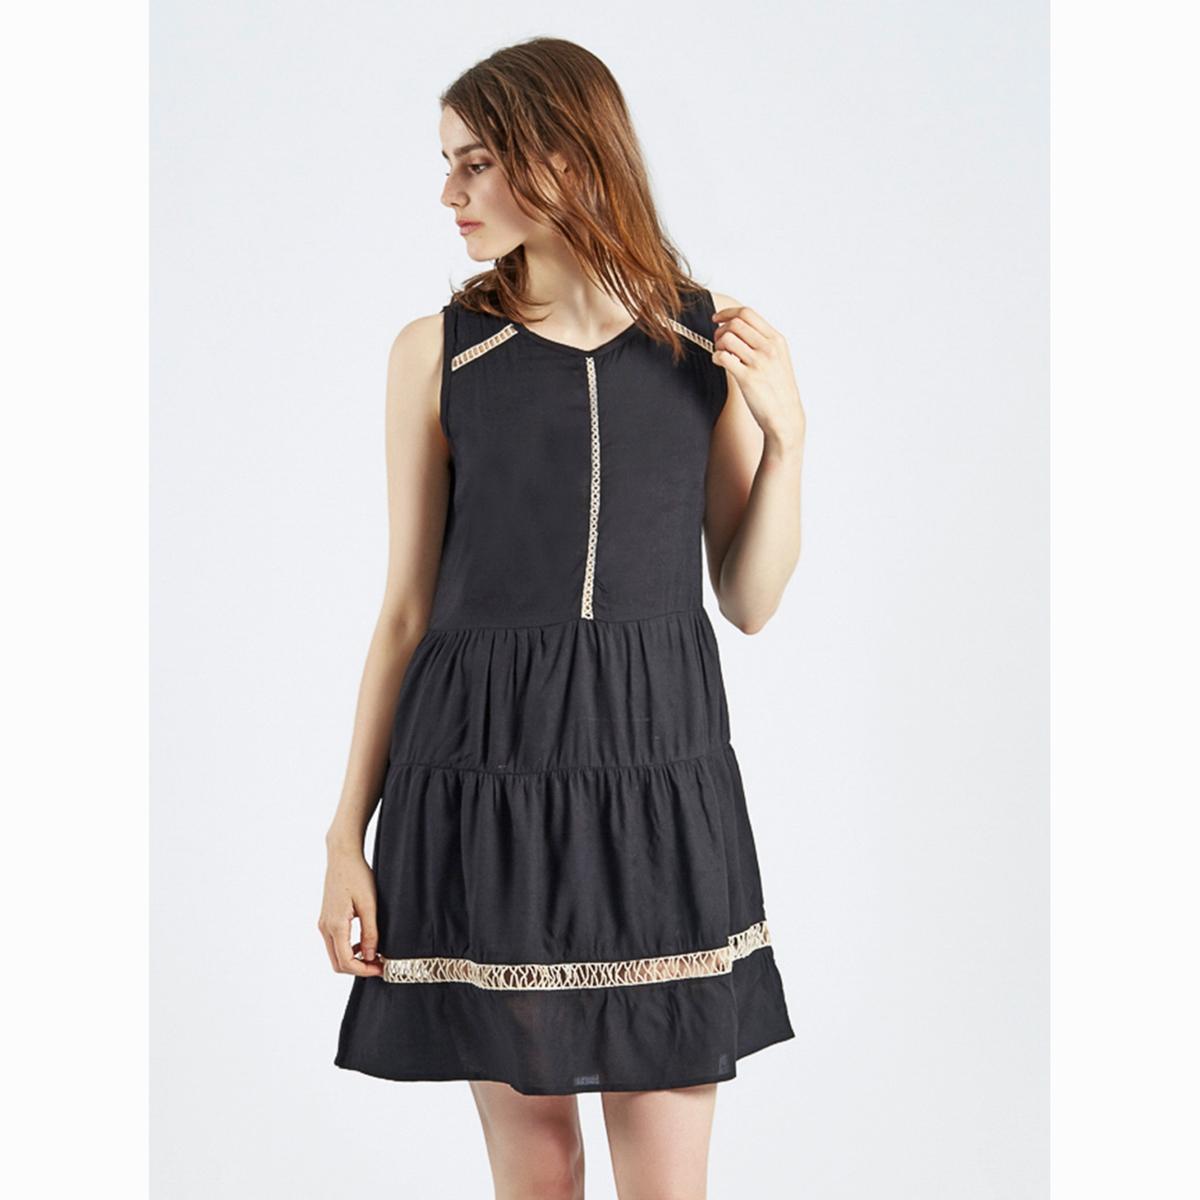 Платье без рукавов Vestido CillianСостав и описаниеМатериал : 100% вискозаМарка : Compania FantasticaМодель :Vestido CillianУходСледуйте рекомендациям по уходу, указанным на этикетке изделия<br><br>Цвет: черный<br>Размер: XS.M